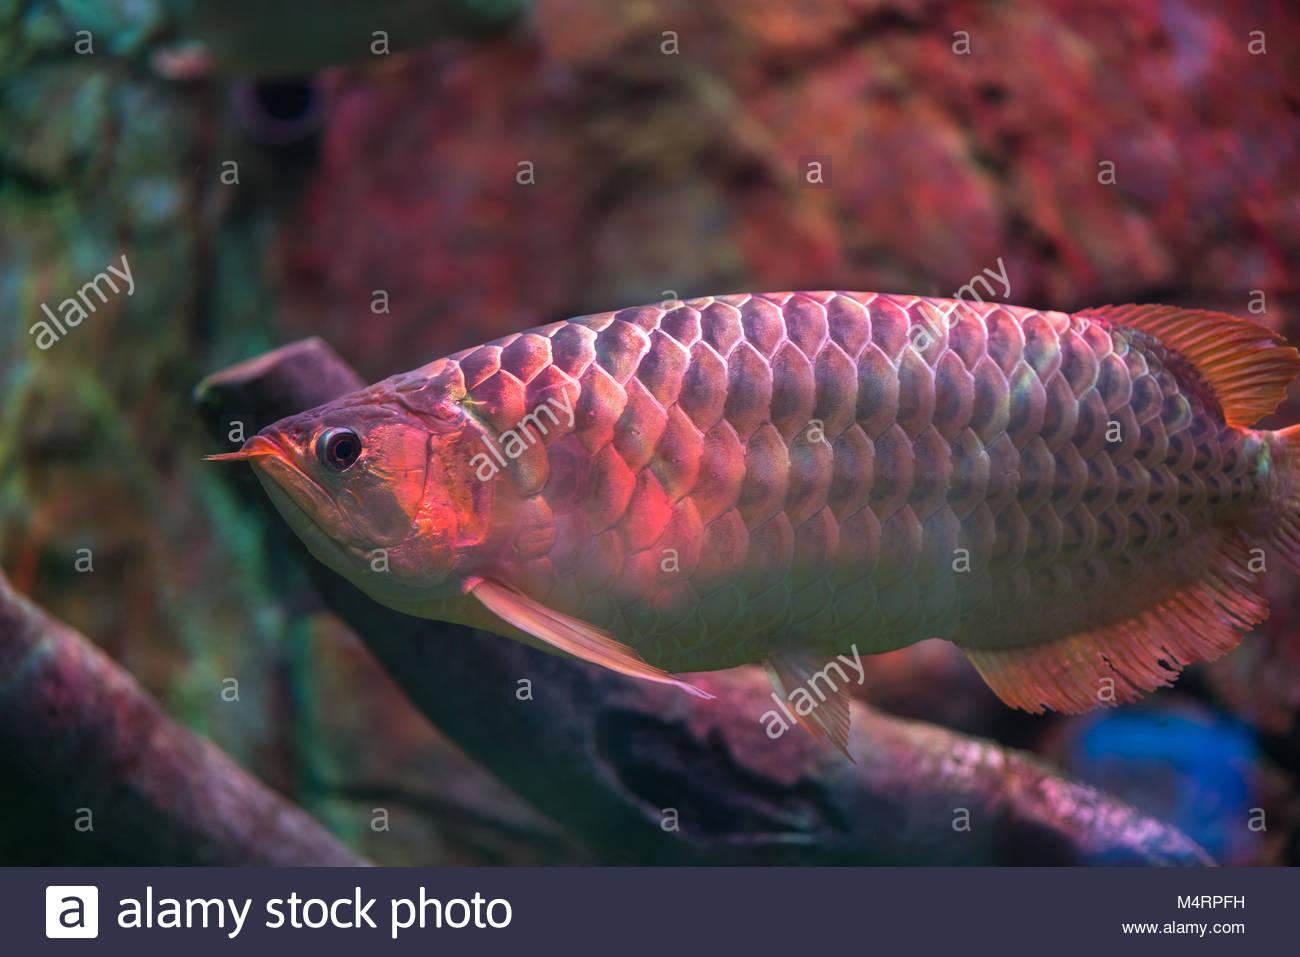 Red arowana fish Stock Photo: 175084885 - Alamy